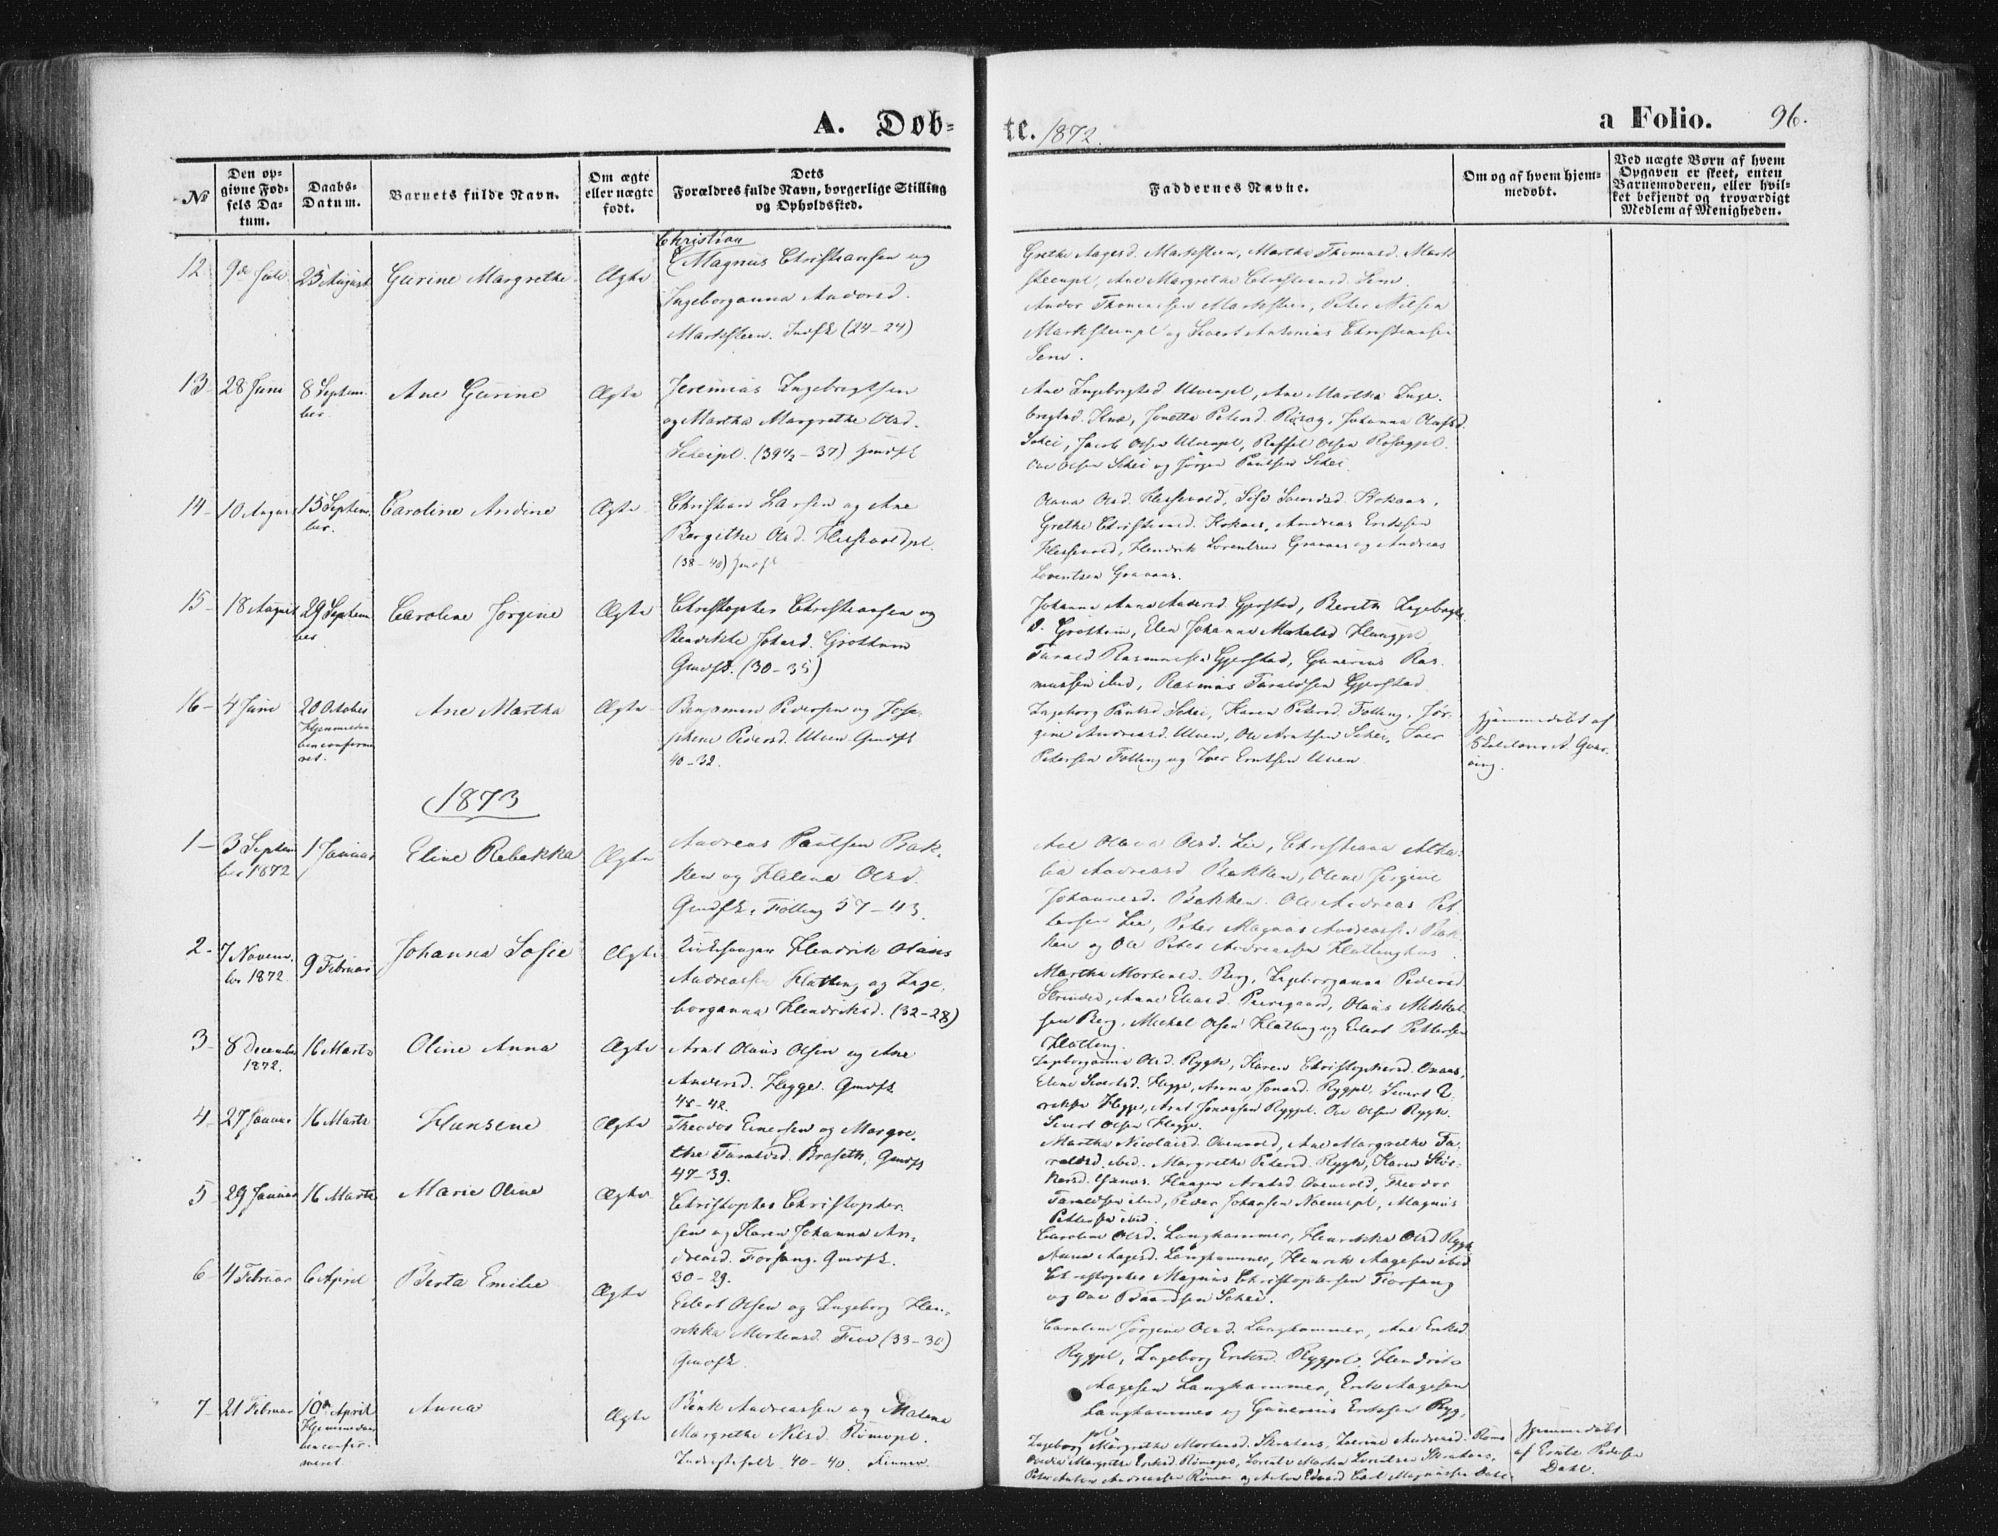 SAT, Ministerialprotokoller, klokkerbøker og fødselsregistre - Nord-Trøndelag, 746/L0447: Ministerialbok nr. 746A06, 1860-1877, s. 96